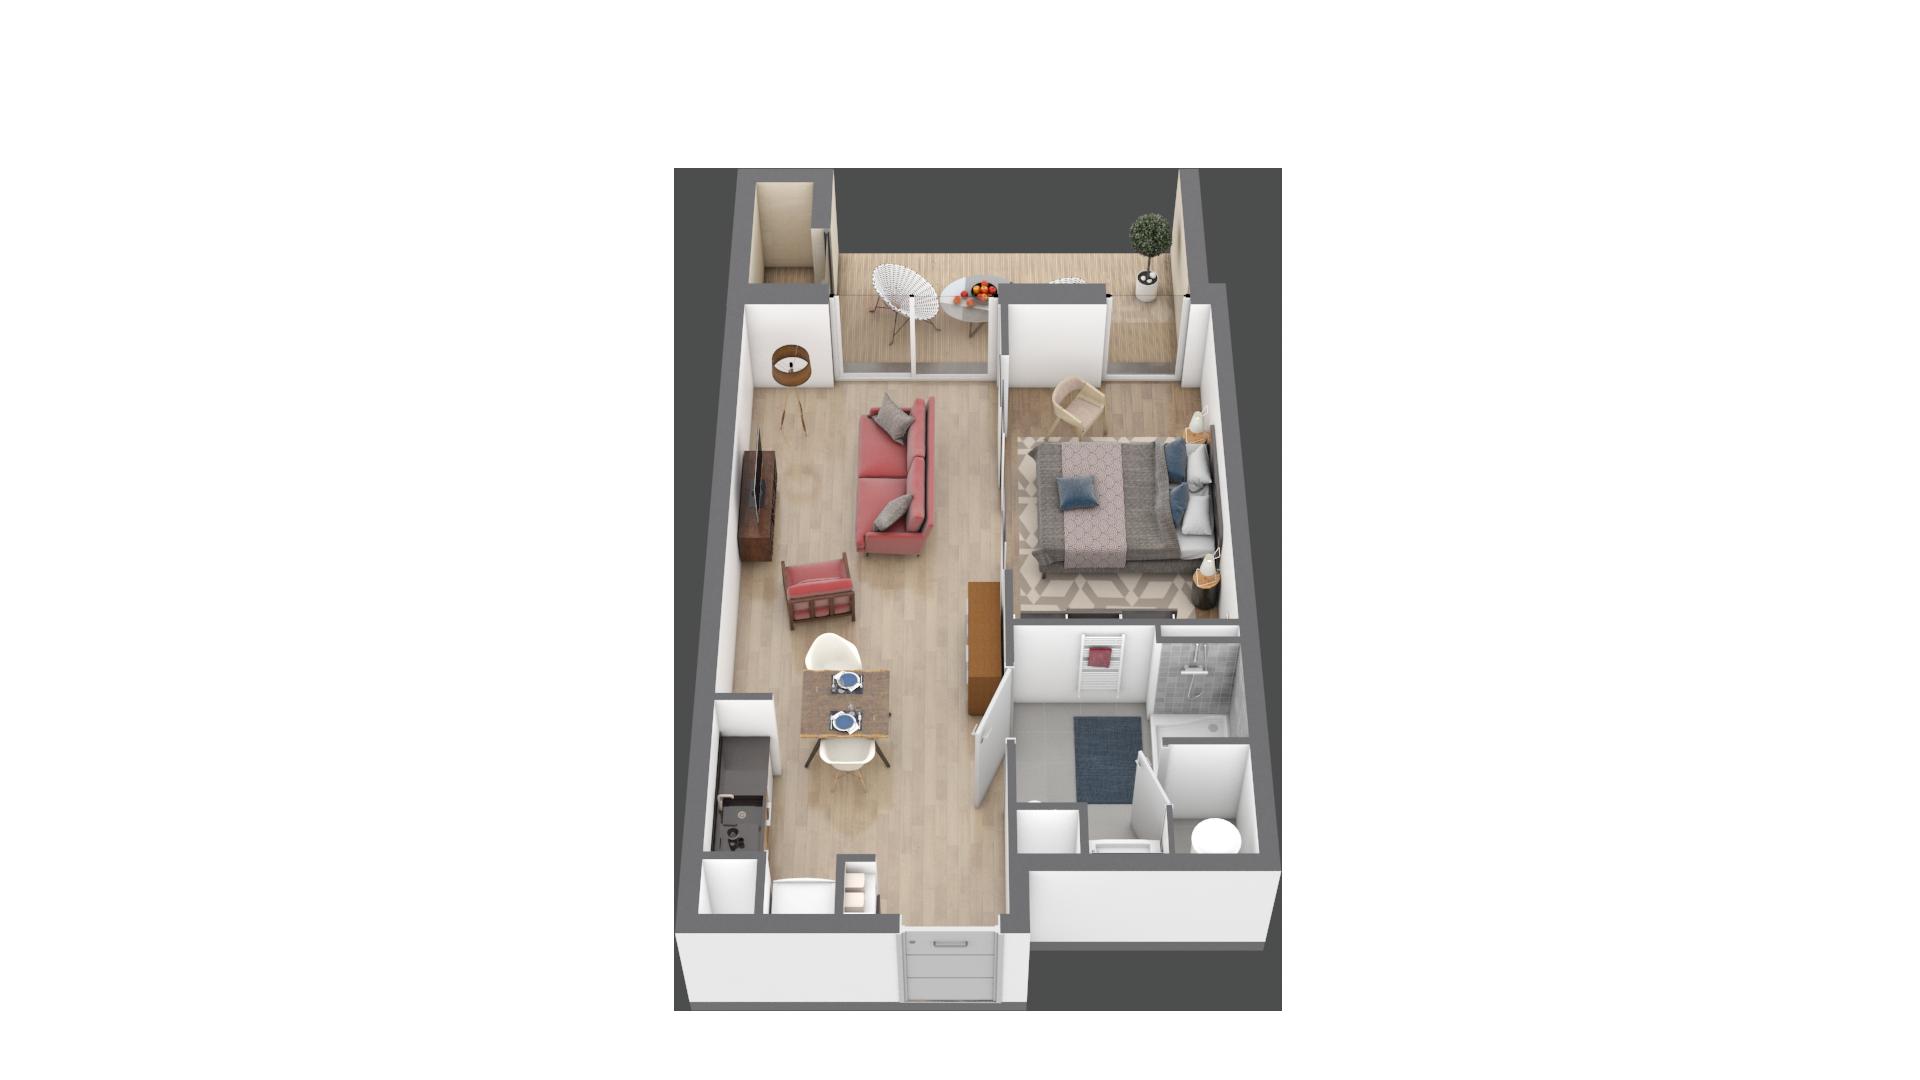 appartement A005 de type T2